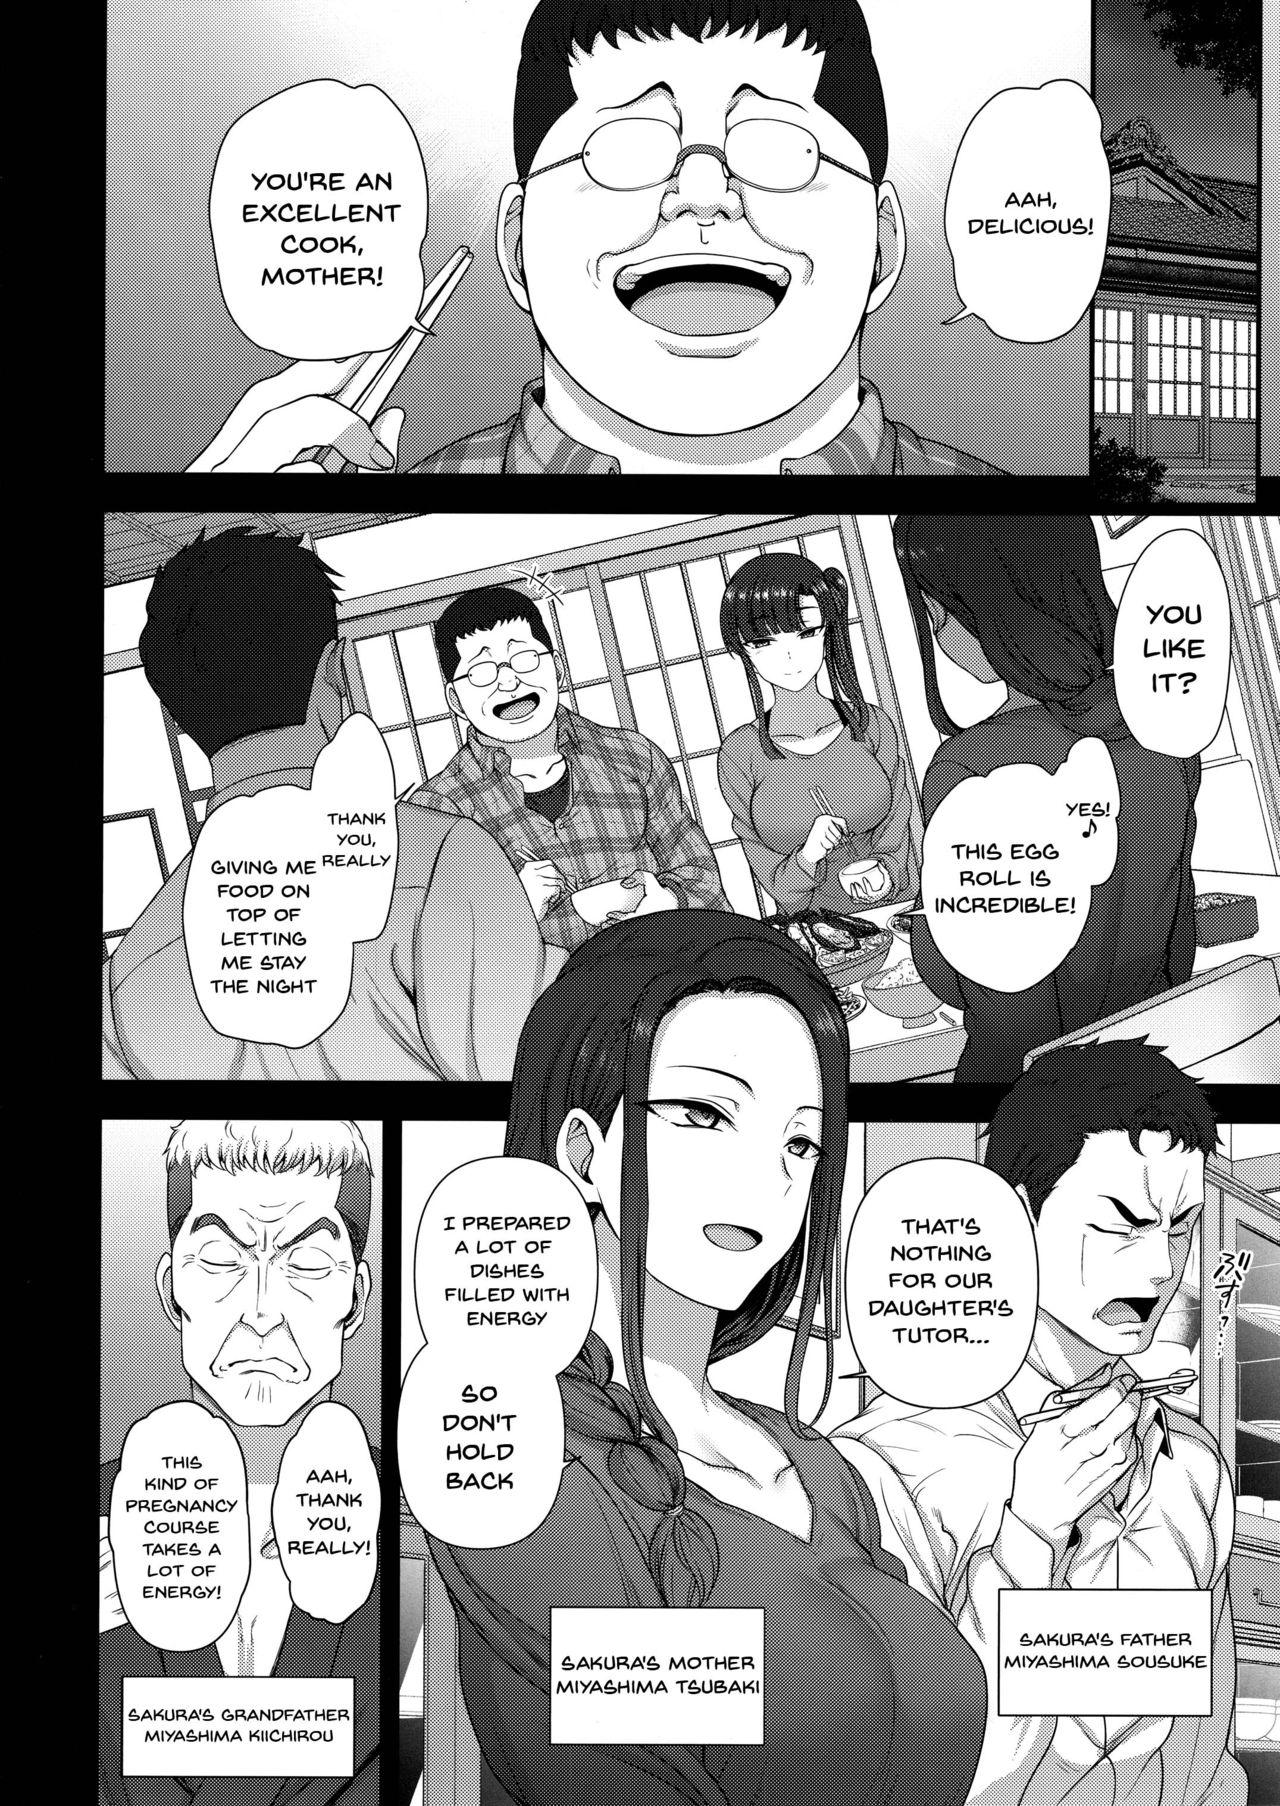 (C94) [50on! (Aiue Oka)] Saimin Seishidou 4 Ninshin Taiken Shidou (Shi) | Hypnosis Sex Guidance 4 - Pregnancy Guidance Experience [English] {Doujins.com} 28